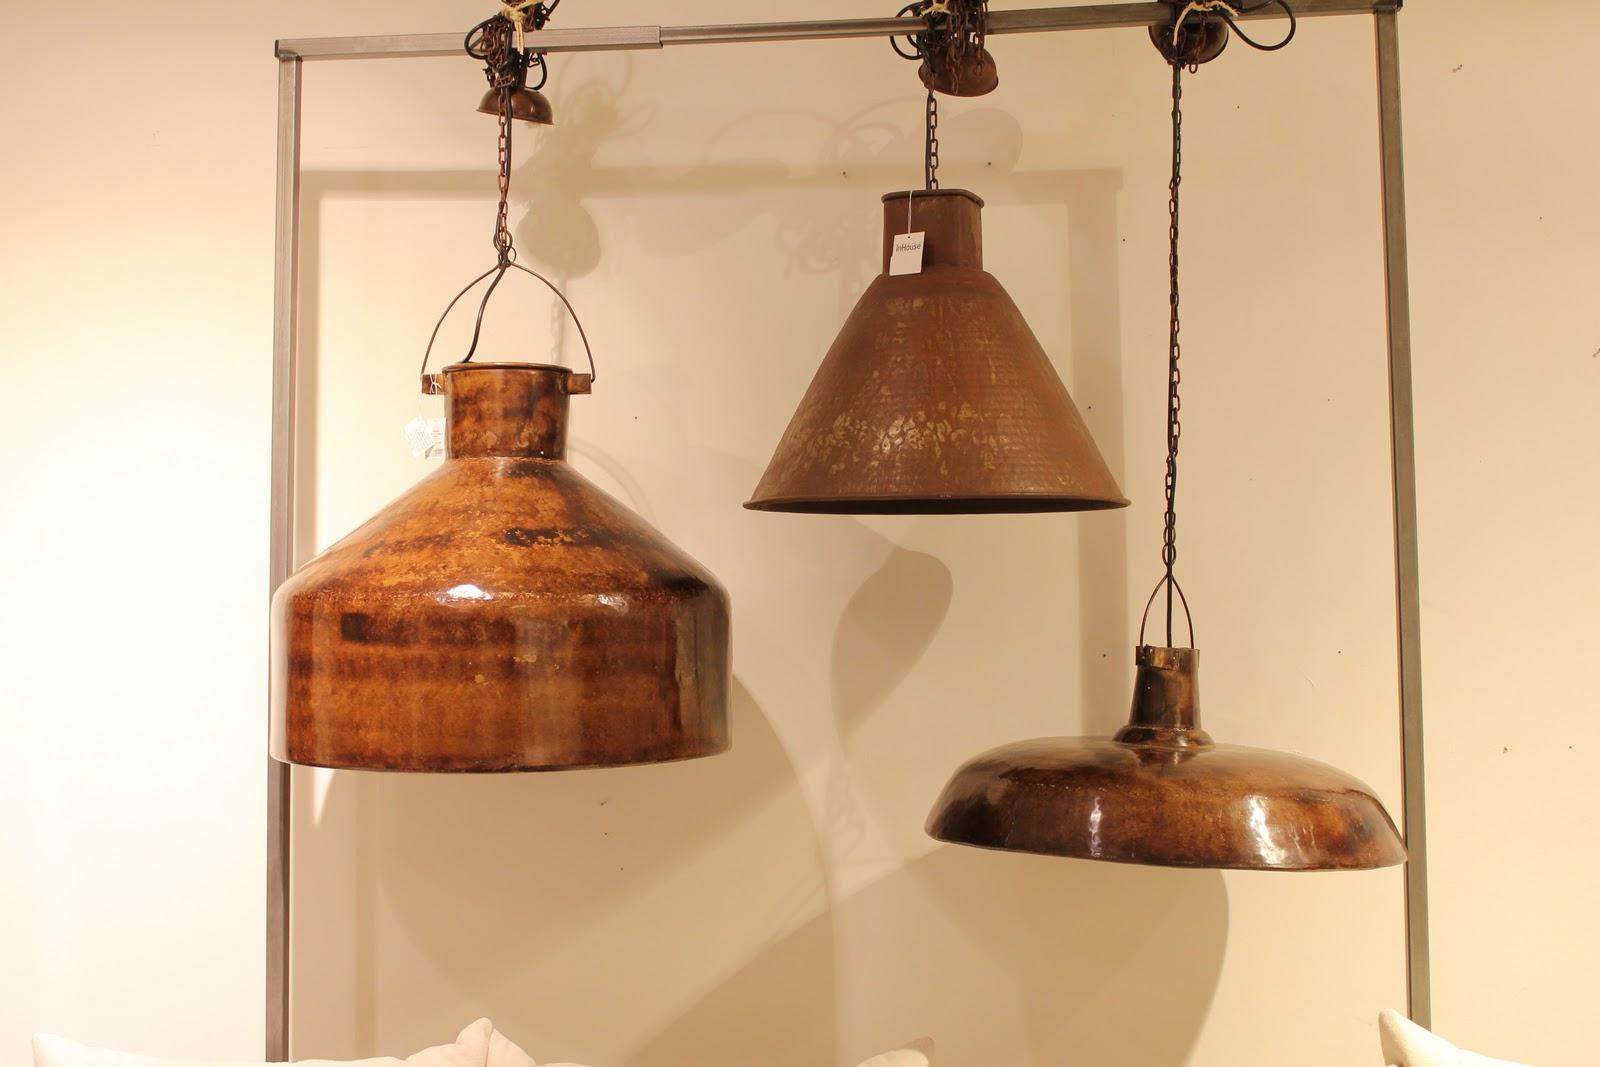 Lamper Sandefjord Good Tak Lampe I Kobber With Lamper Sandefjord Cobra Lampe Mediu With Lamper